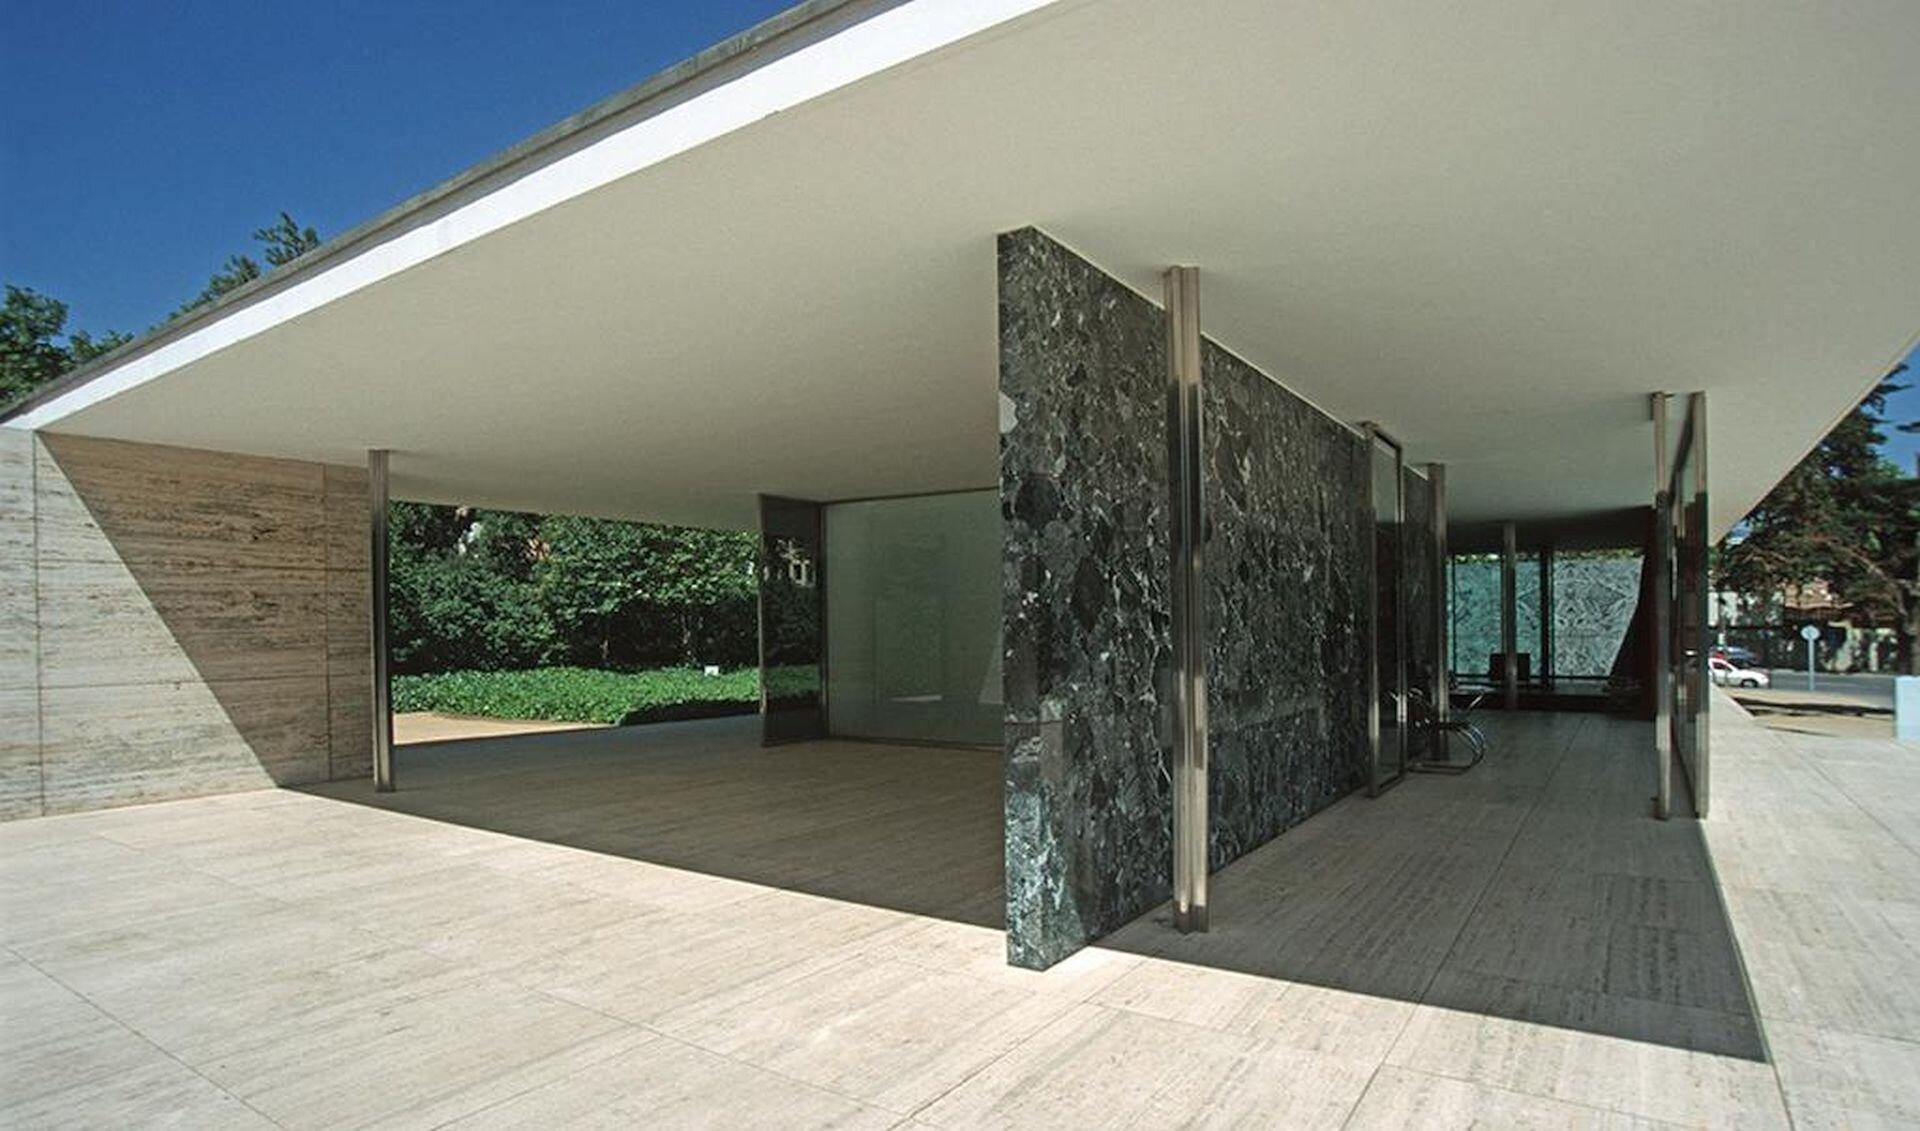 Ilustracja przedstawia pawilon bawiloński zaprojektowany przez Ludviga Mies van der Rohe.